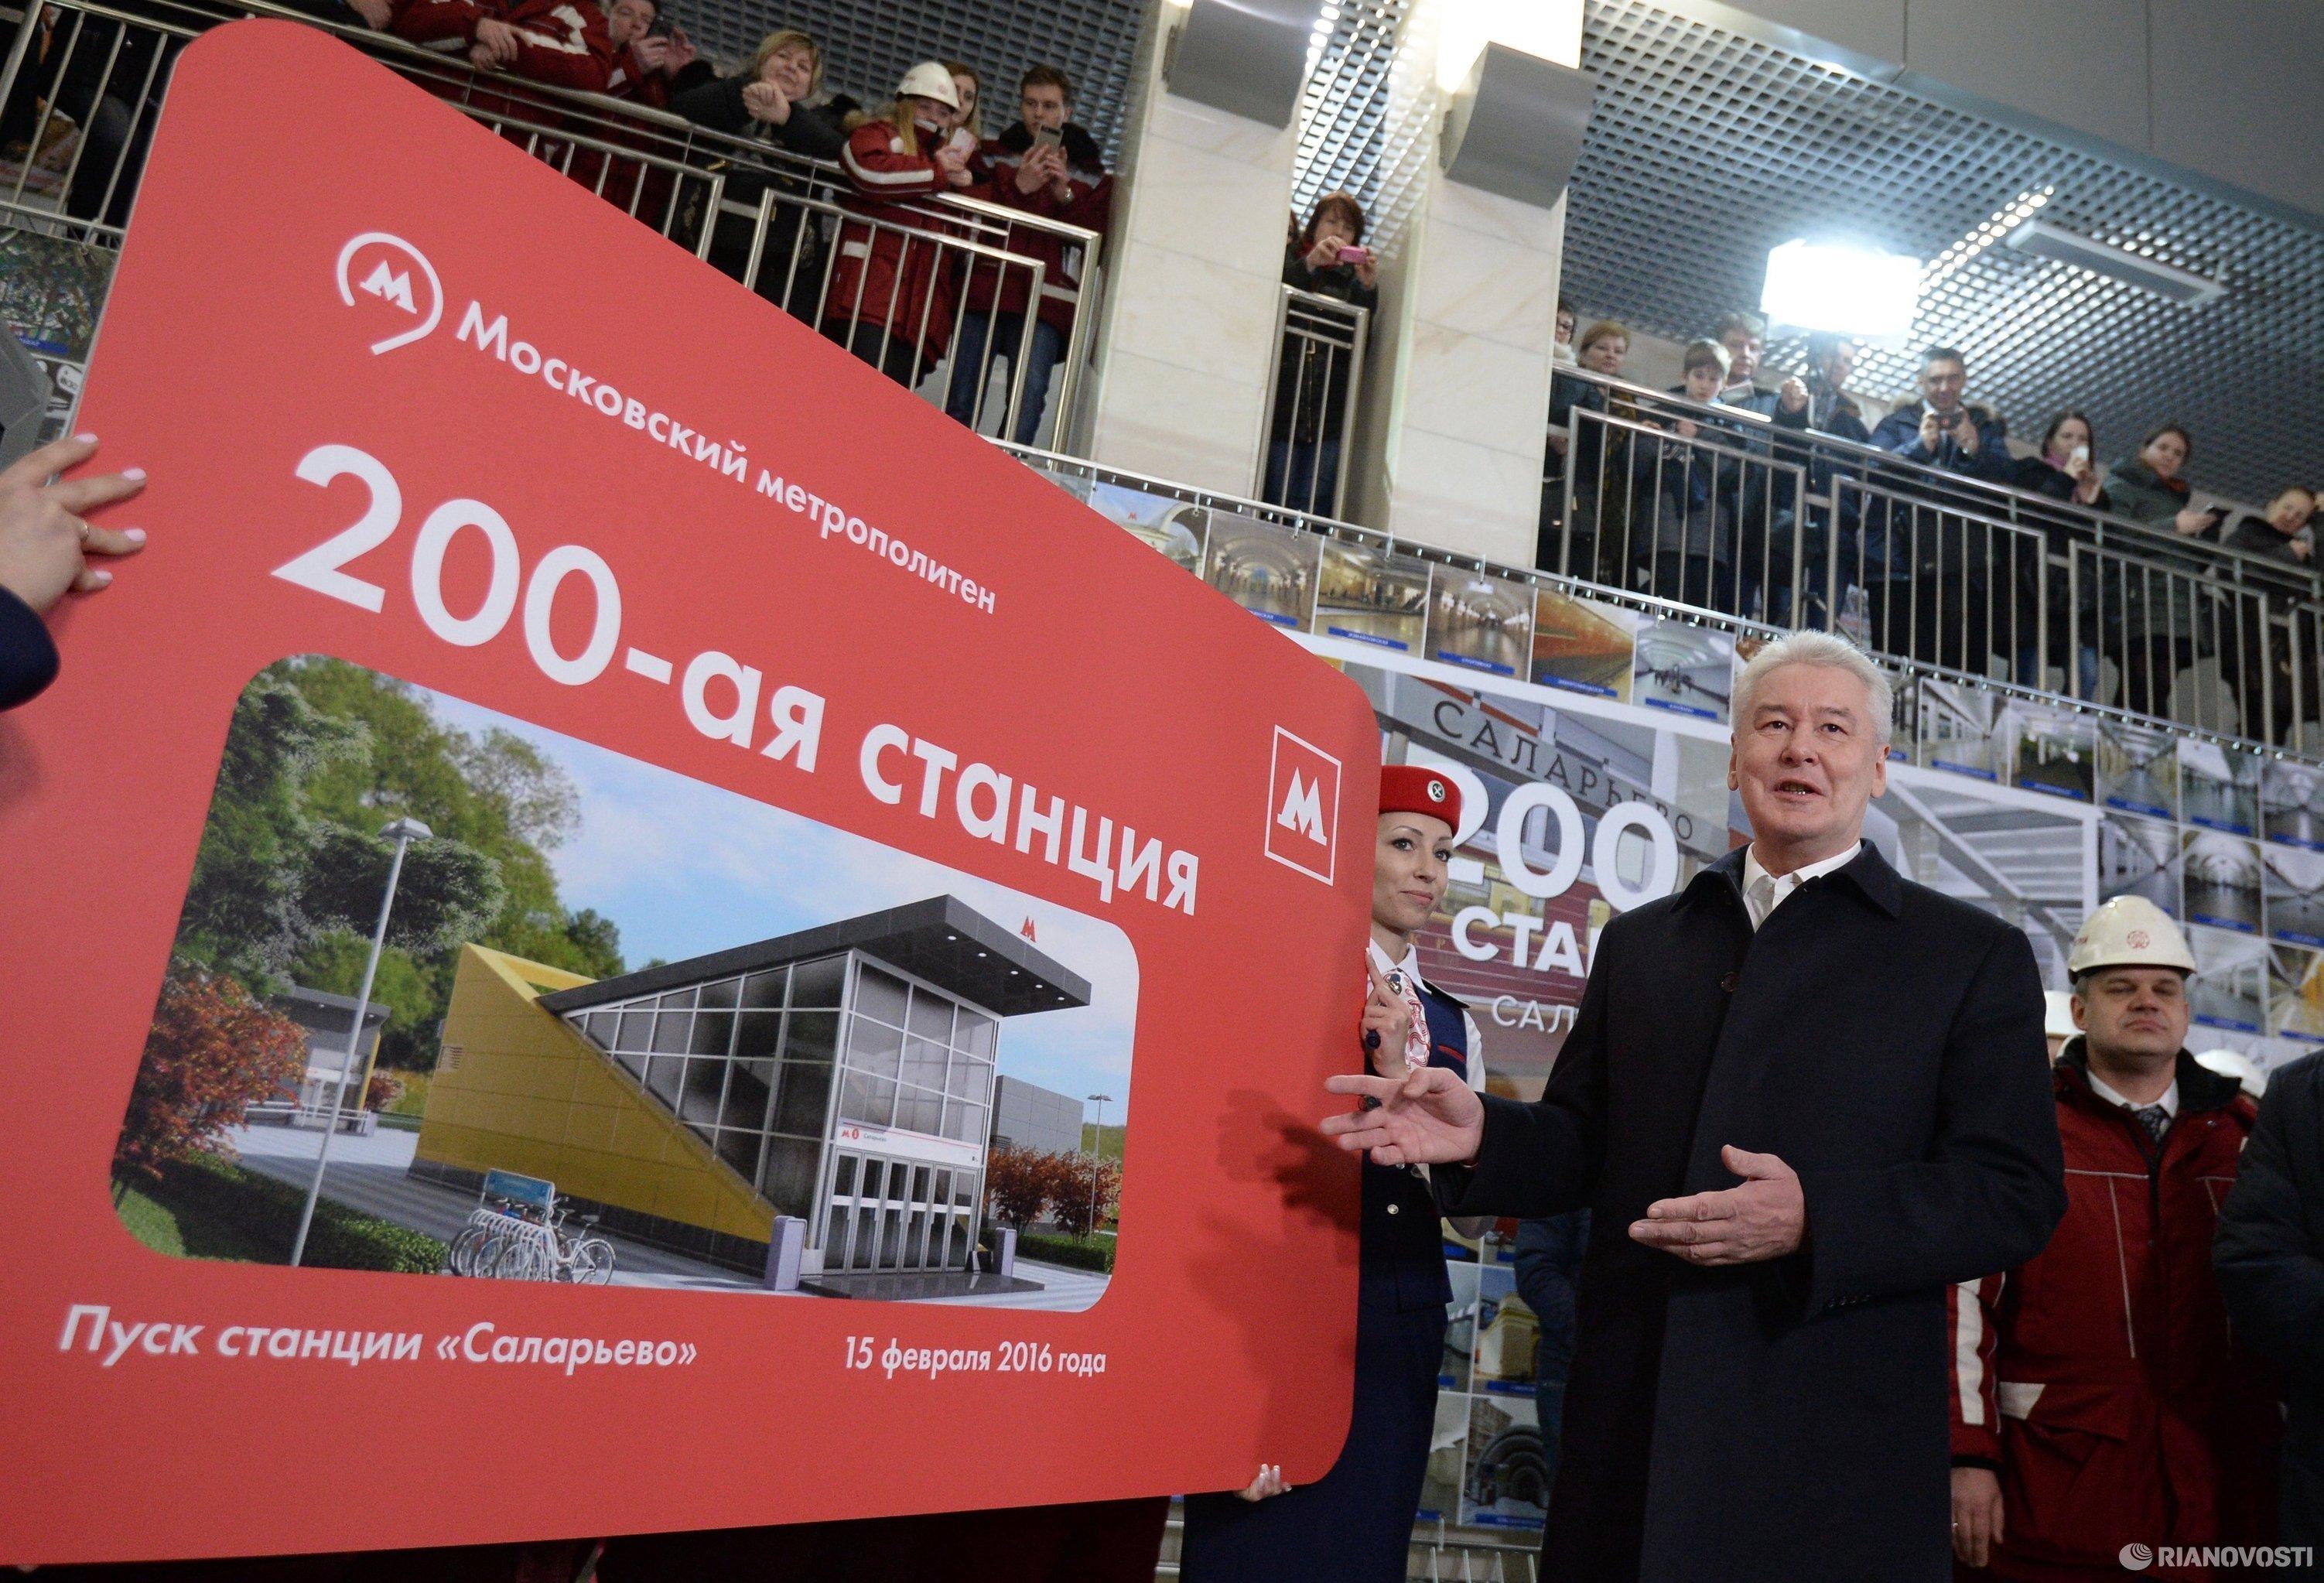 Открытие станции метро Саларьево